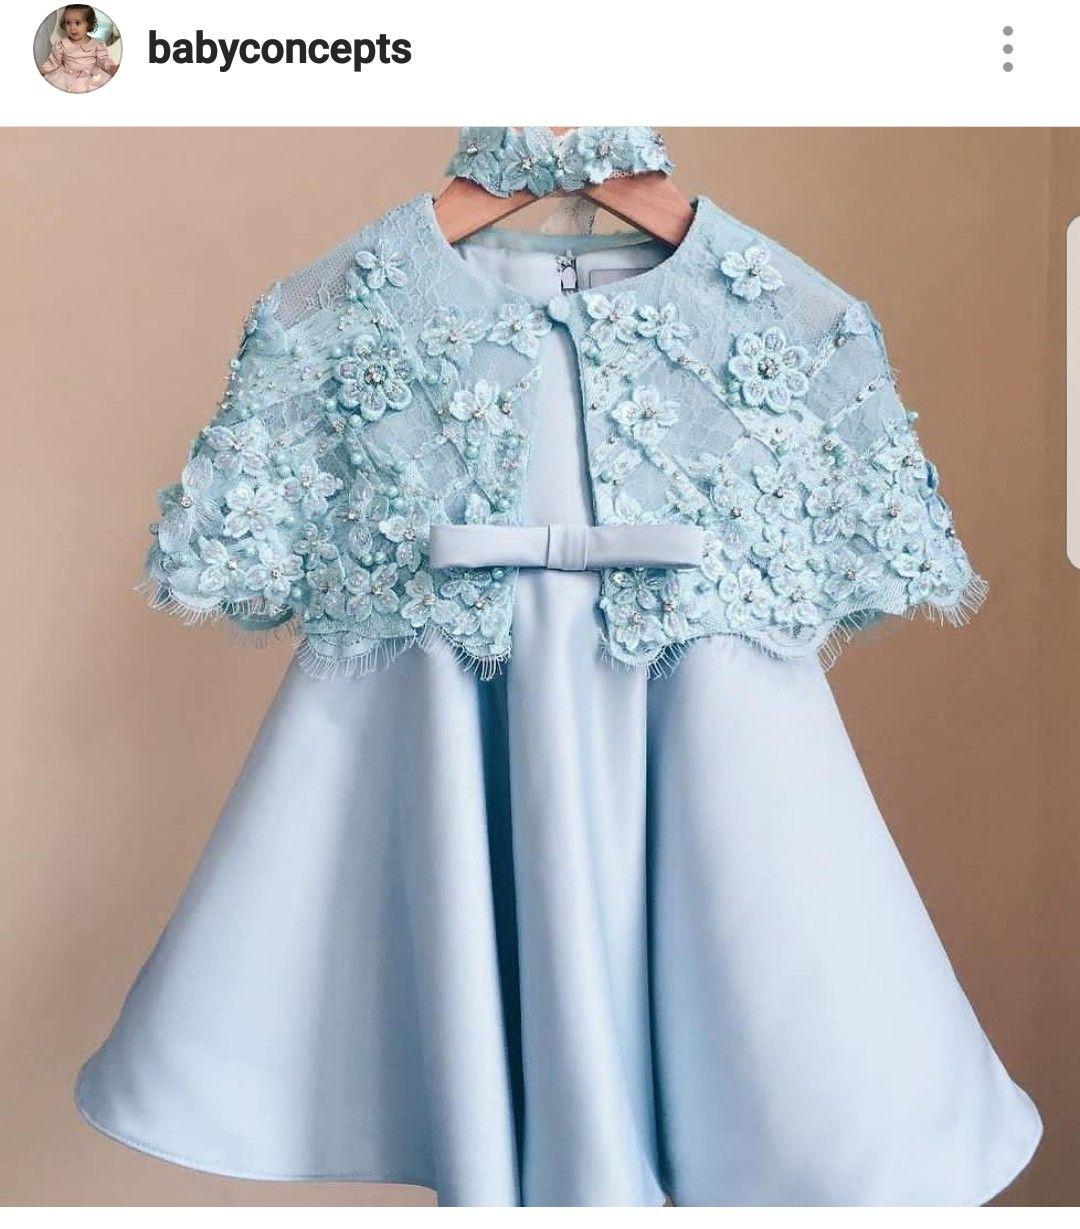 Pin Oleh Laleh Kargar Di Baby Dress Gaun Bayi Perempuan Pakaian Bayi Perempuan Model Pakaian Bayi